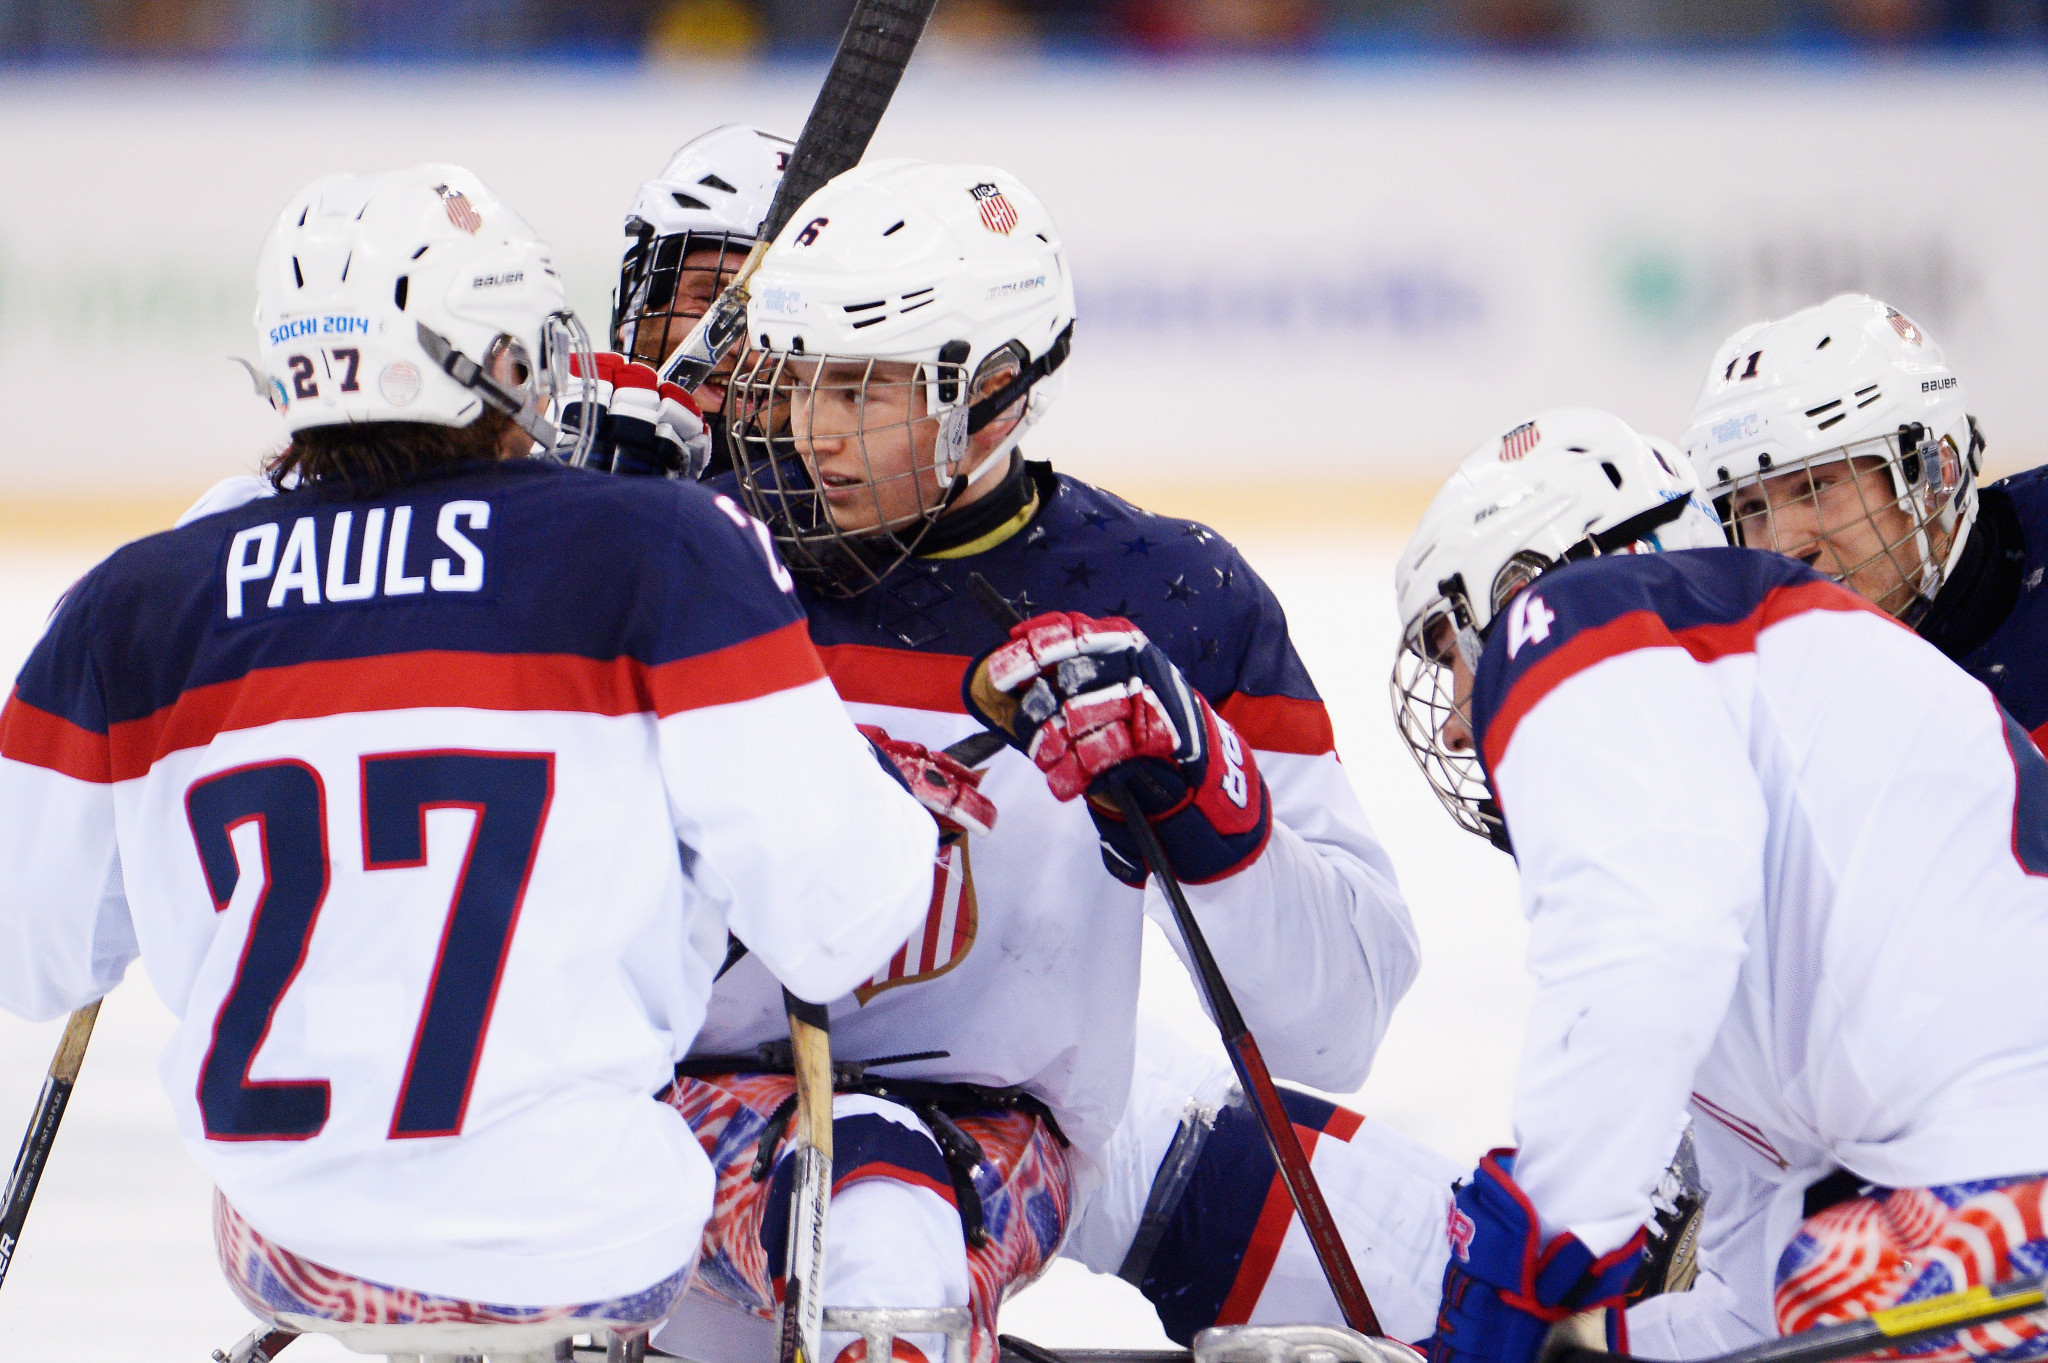 USA Hockey names three squads for Pyeongchang 2018